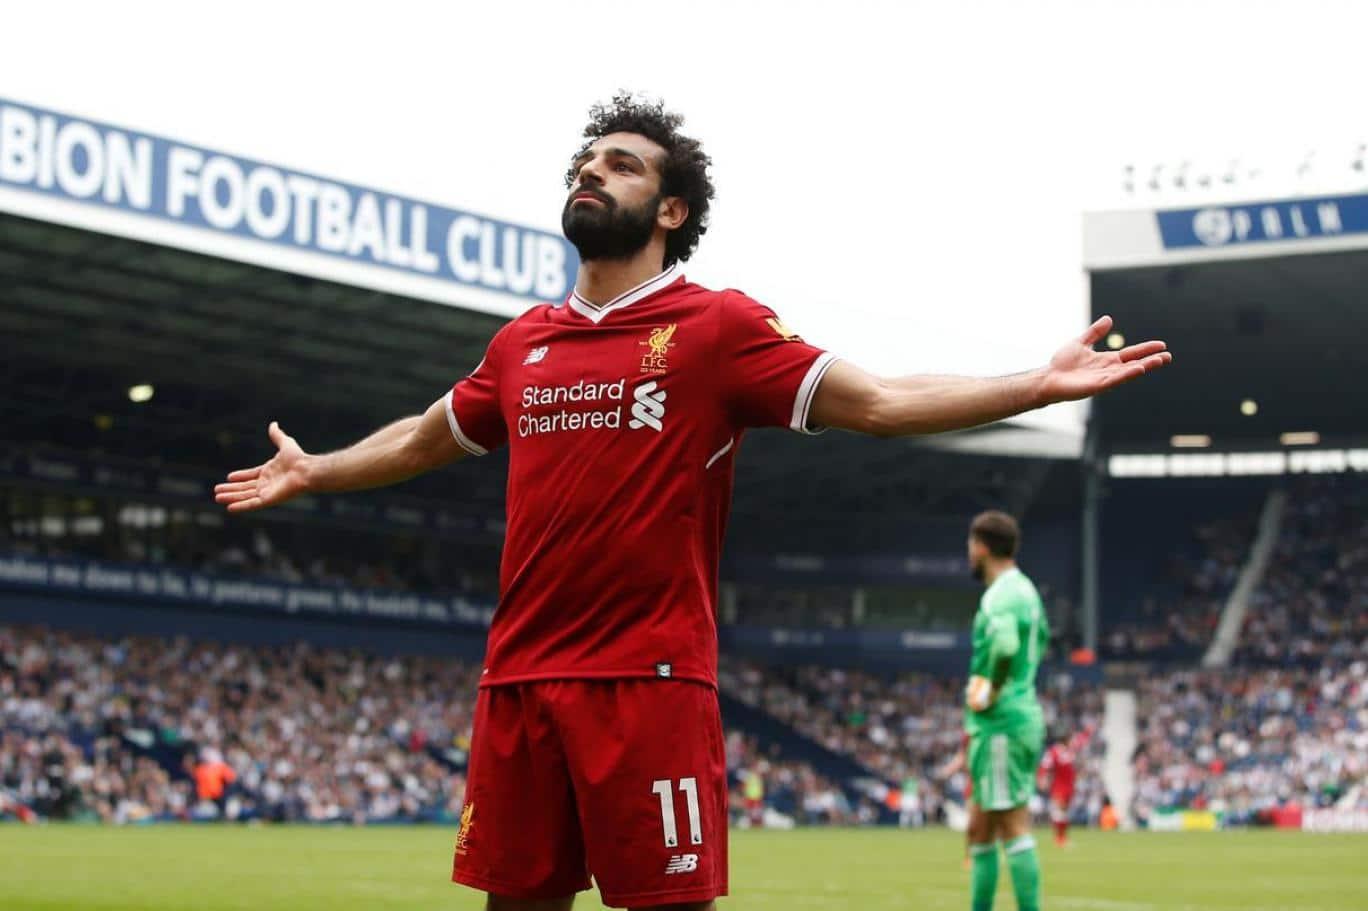 محمد صلاح وتسجيل الرقم القياسي في الدوري الإنجليزي